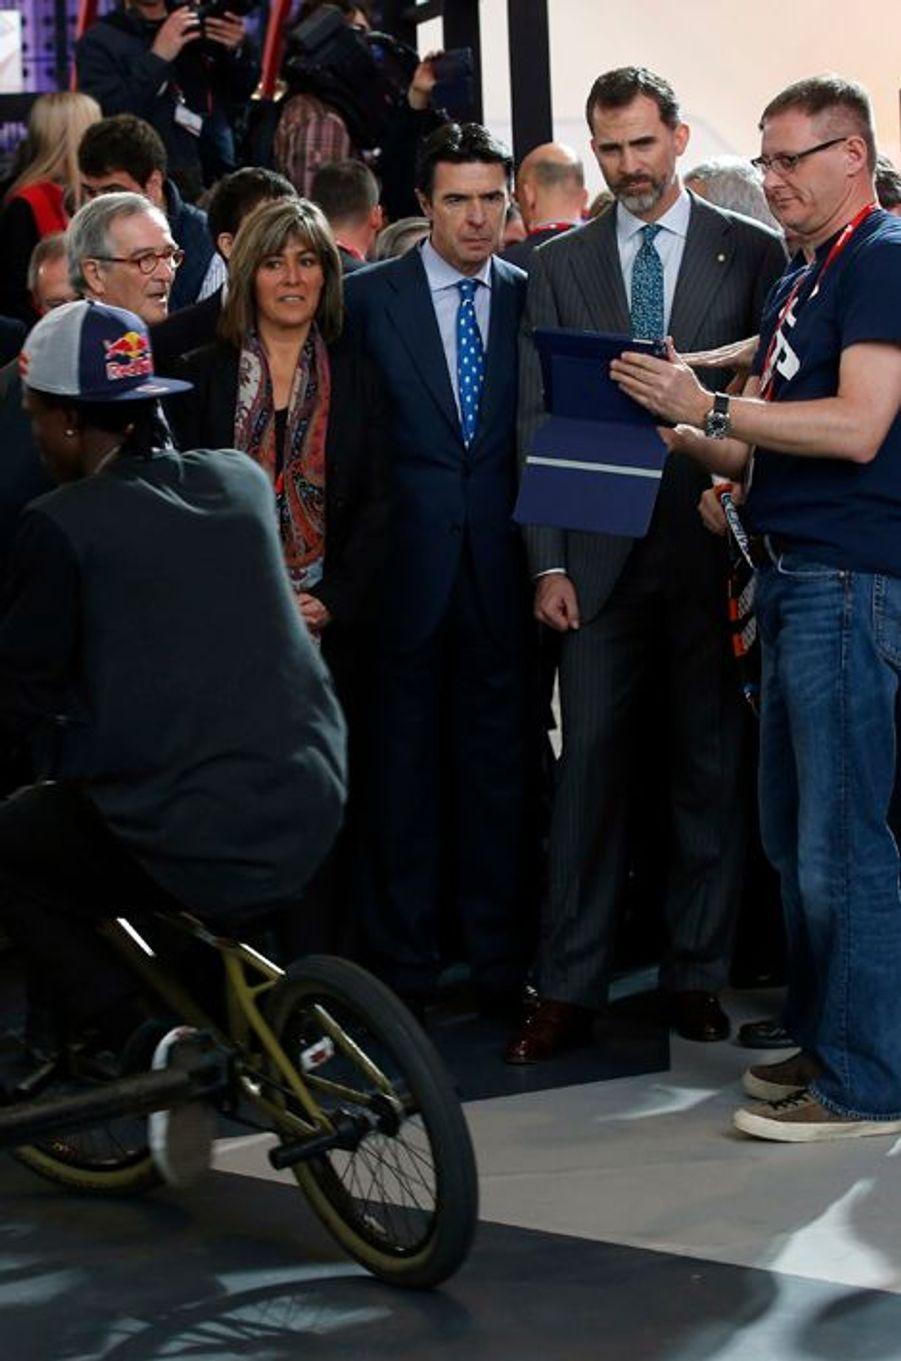 Le roi Felipe d'Espagne inaugure le GSMA Mobile World Congress 2015 à Barcelone, le 2 mars 2015